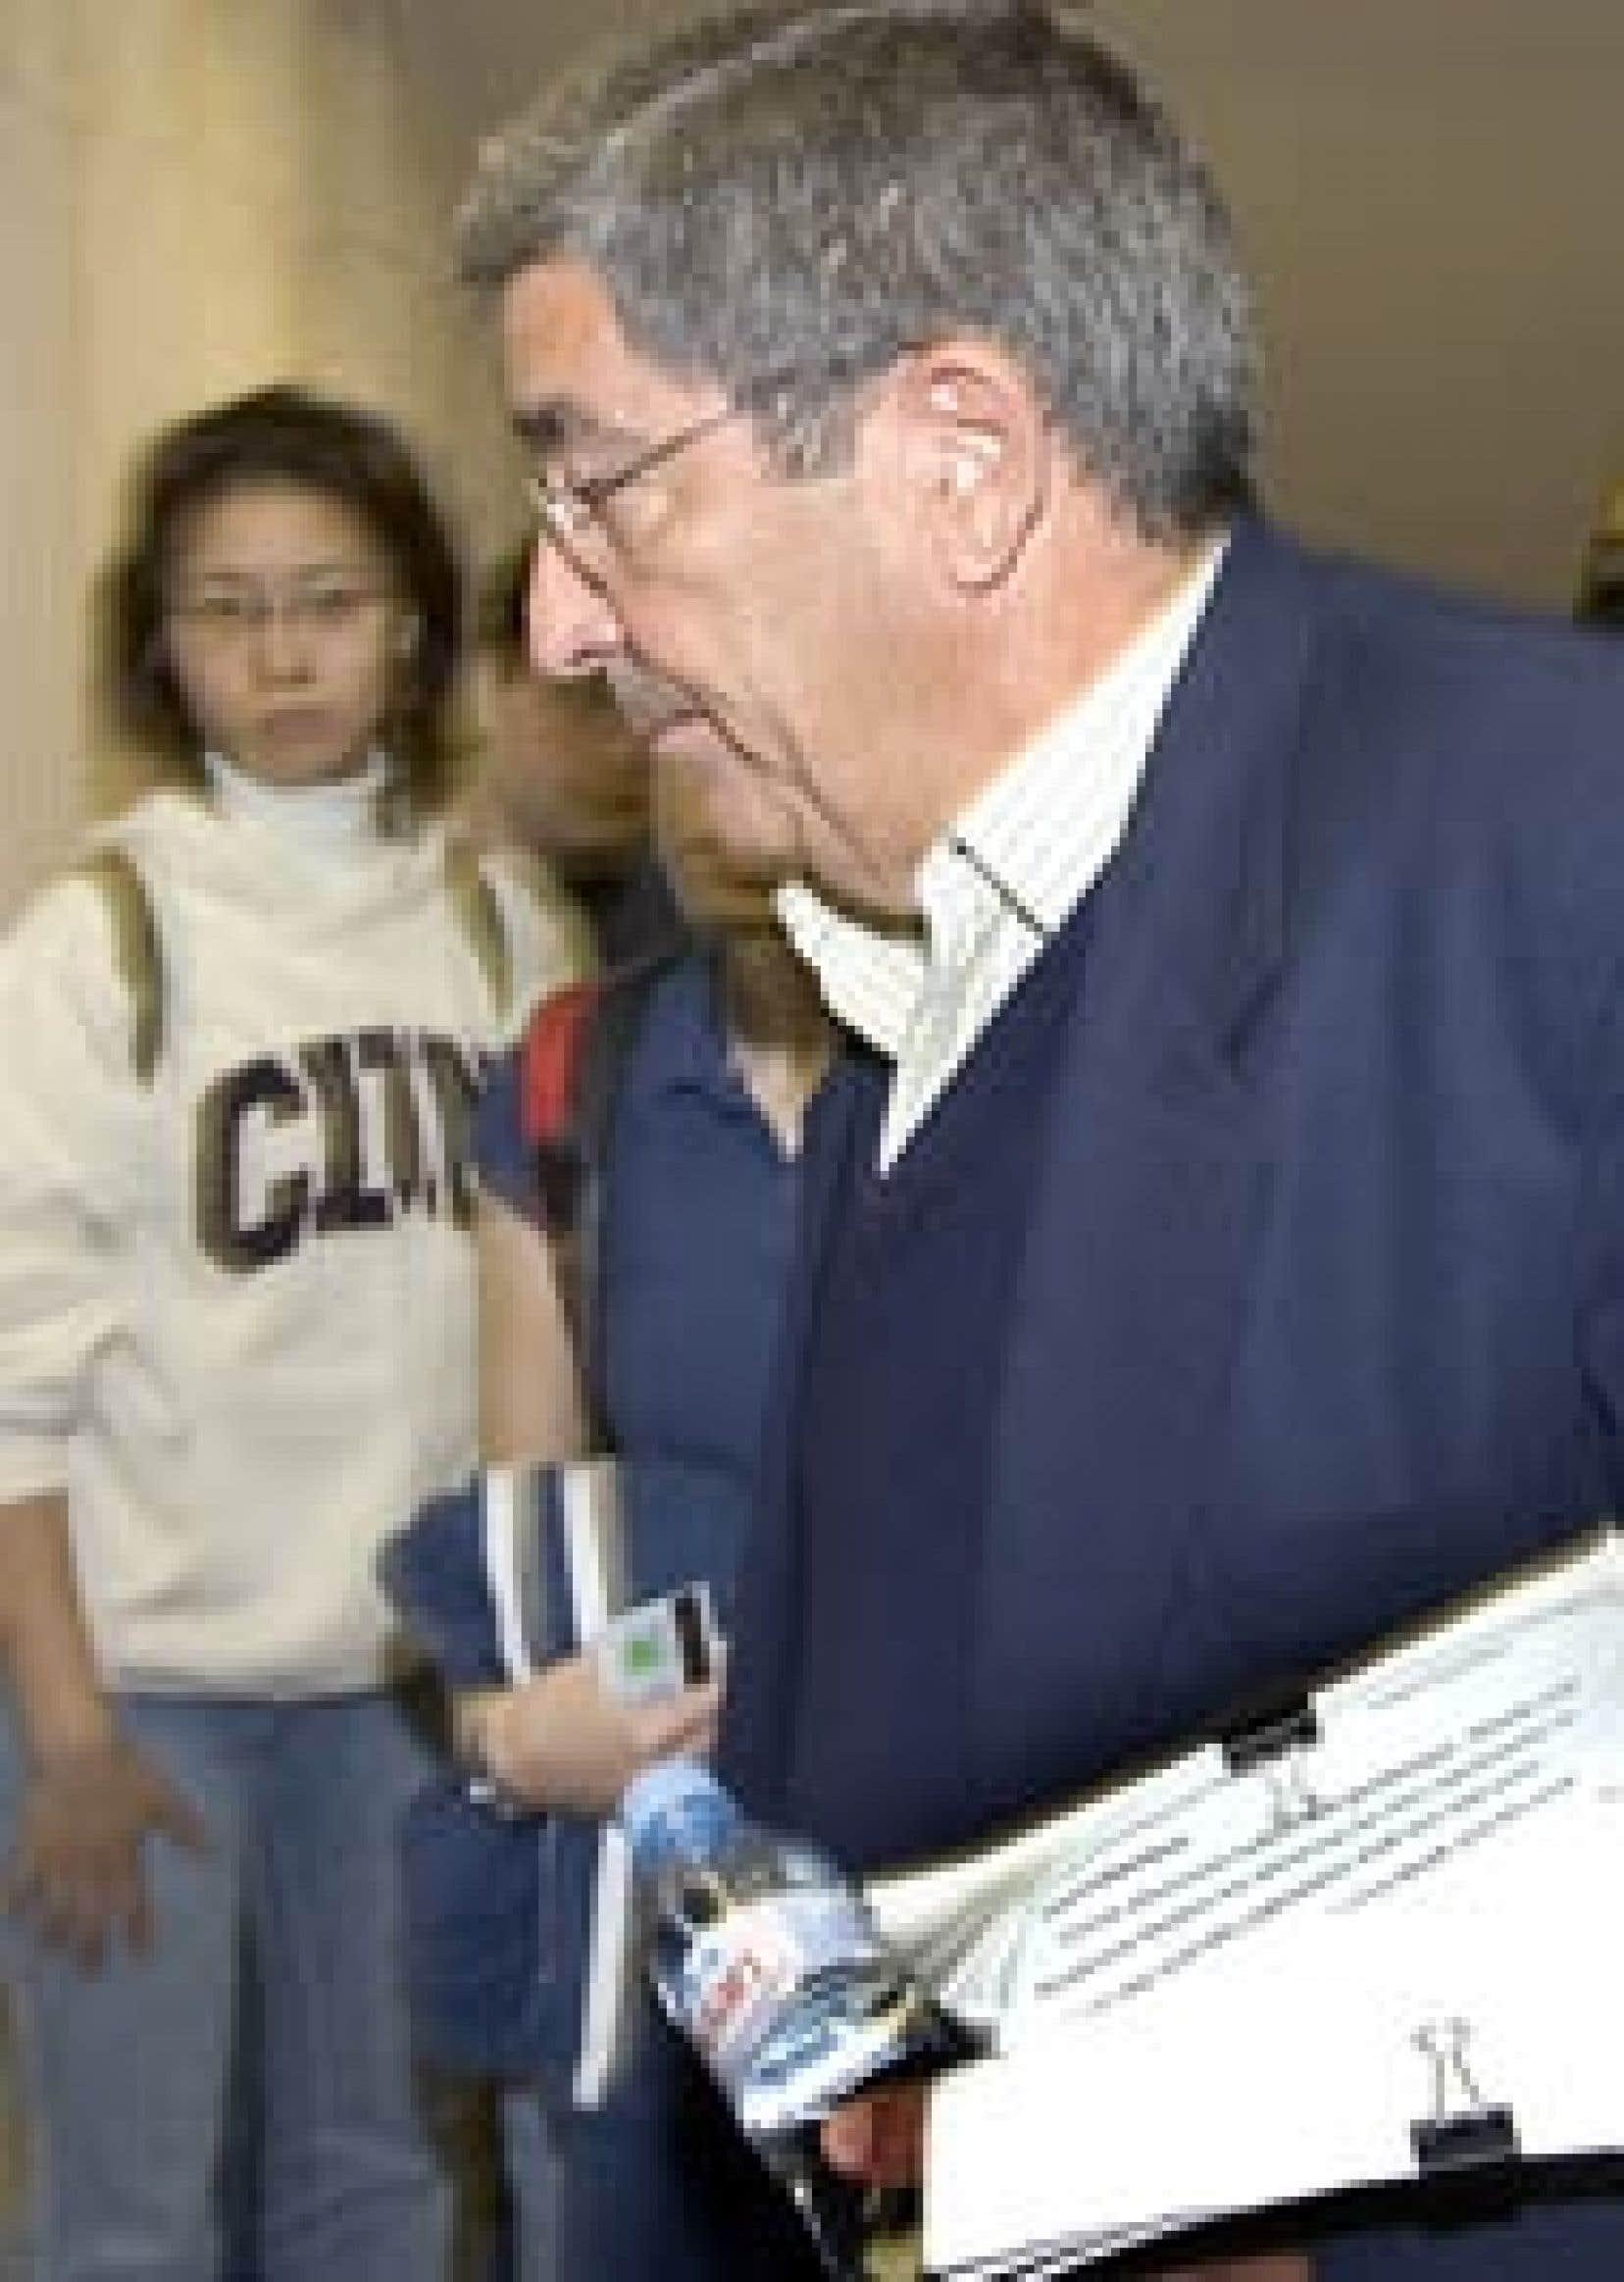 Paul Coffin à son arrivée à l'université McGill où il a raconté sa triste expérience en affaires.